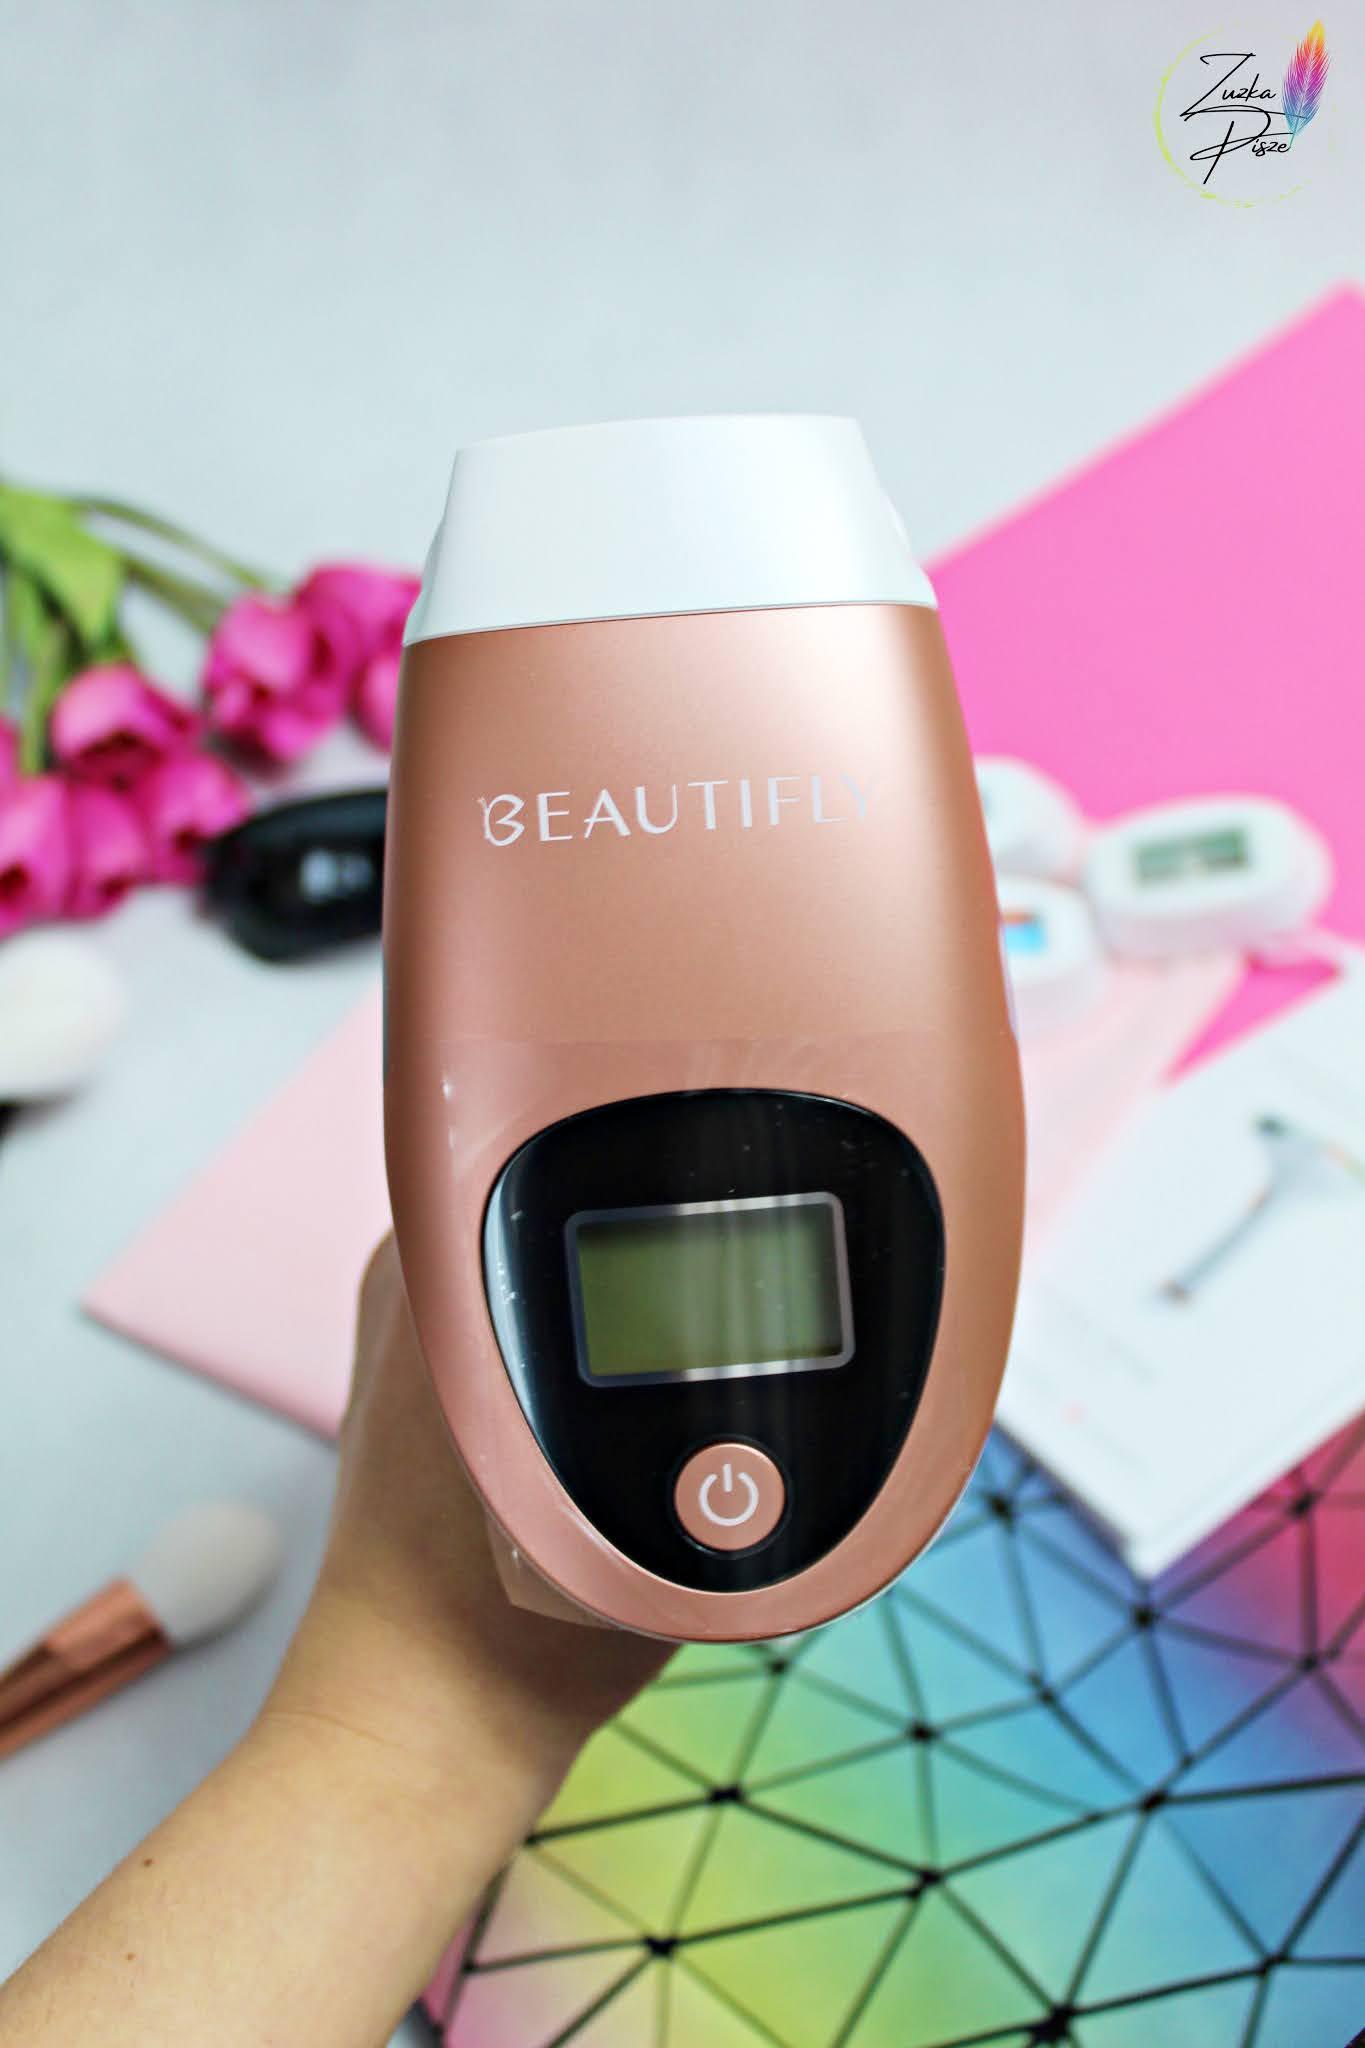 Laser wielofunkcyjny B-Shine PRO IPL Beautifly